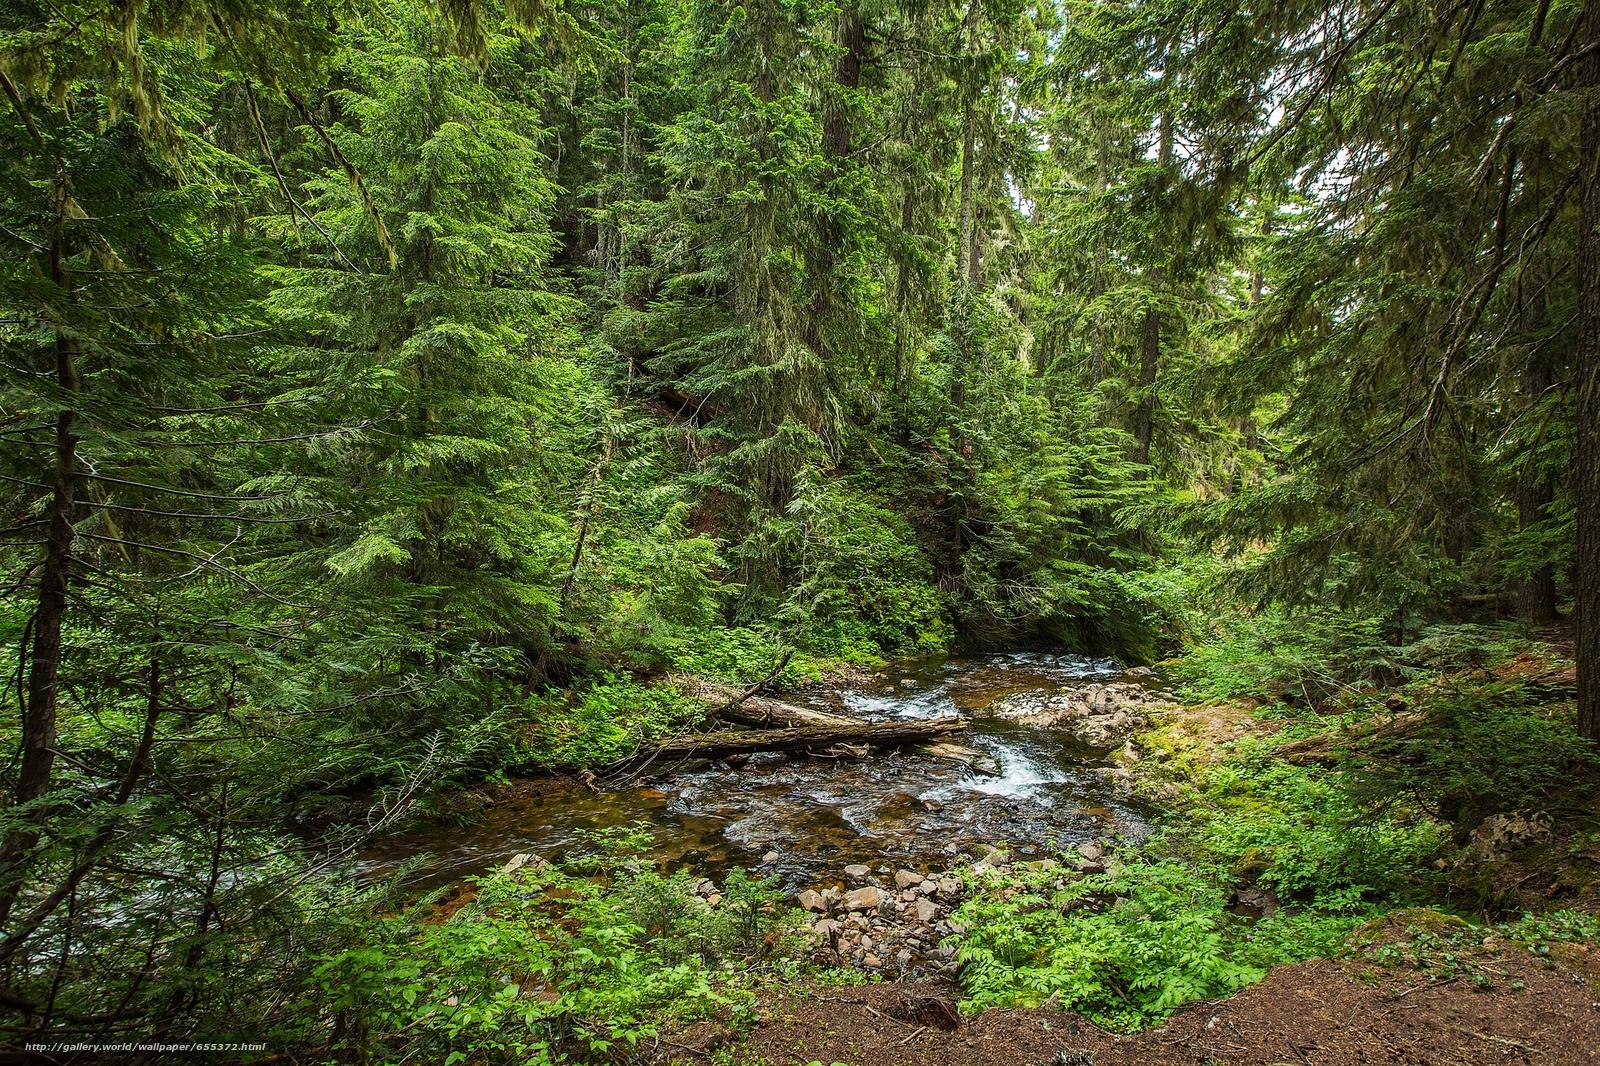 下载壁纸 河,  森林,  树,  性质 免费为您的桌面分辨率的壁纸 2048x1365 — 图片 №655372